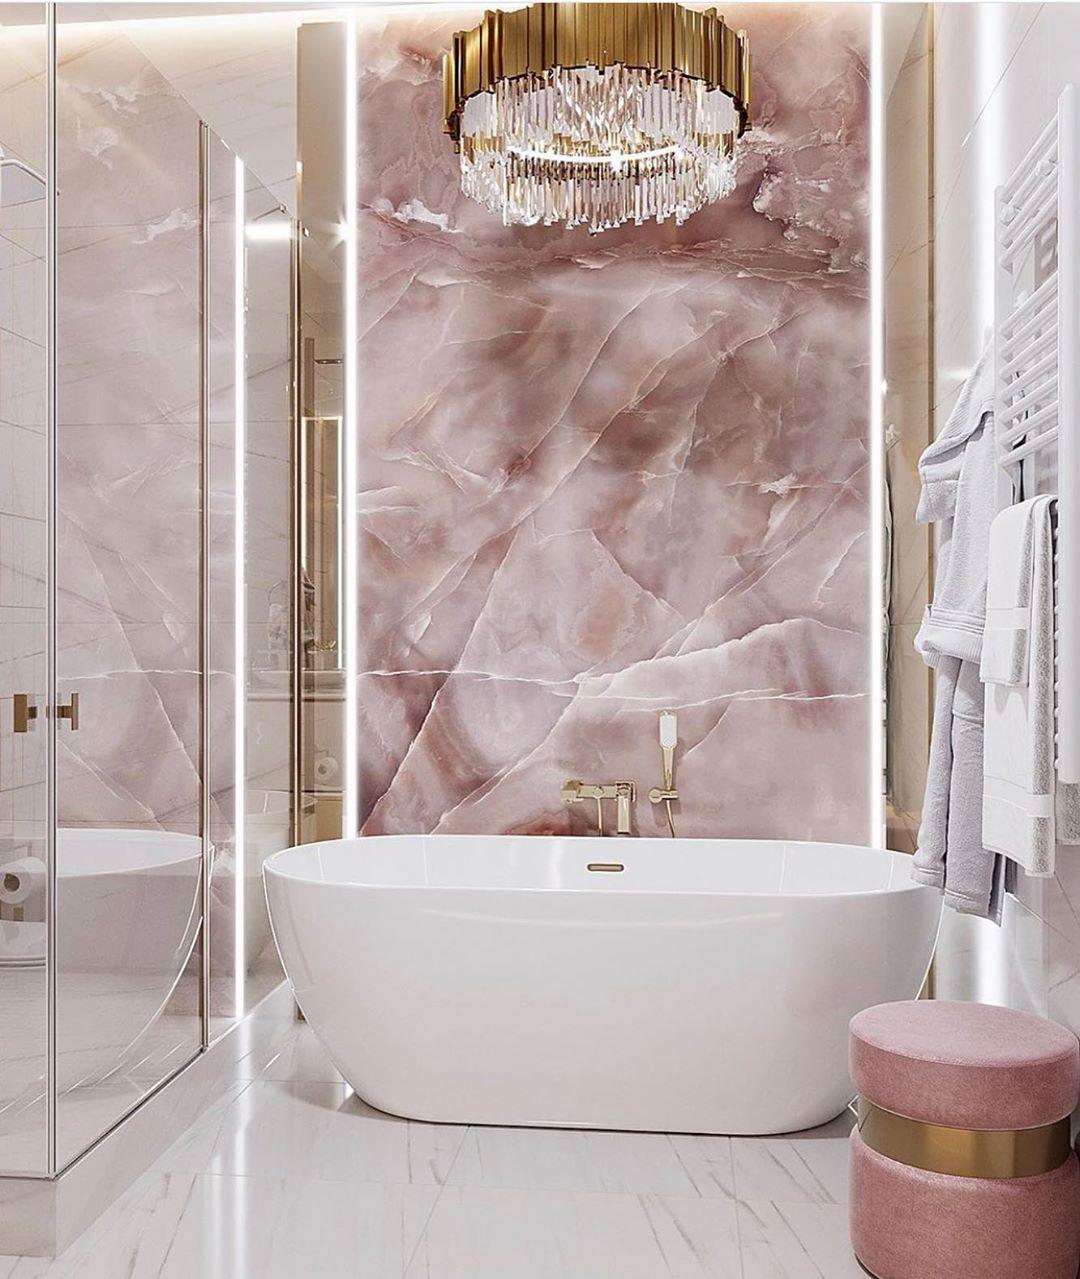 Mi Piace 1 235 Commenti 63 Home Decor Inspiration Pashhome Su Instagram P I N In 2020 Bathroom Interior Design Home Decor Inspiration Bathroom Interior